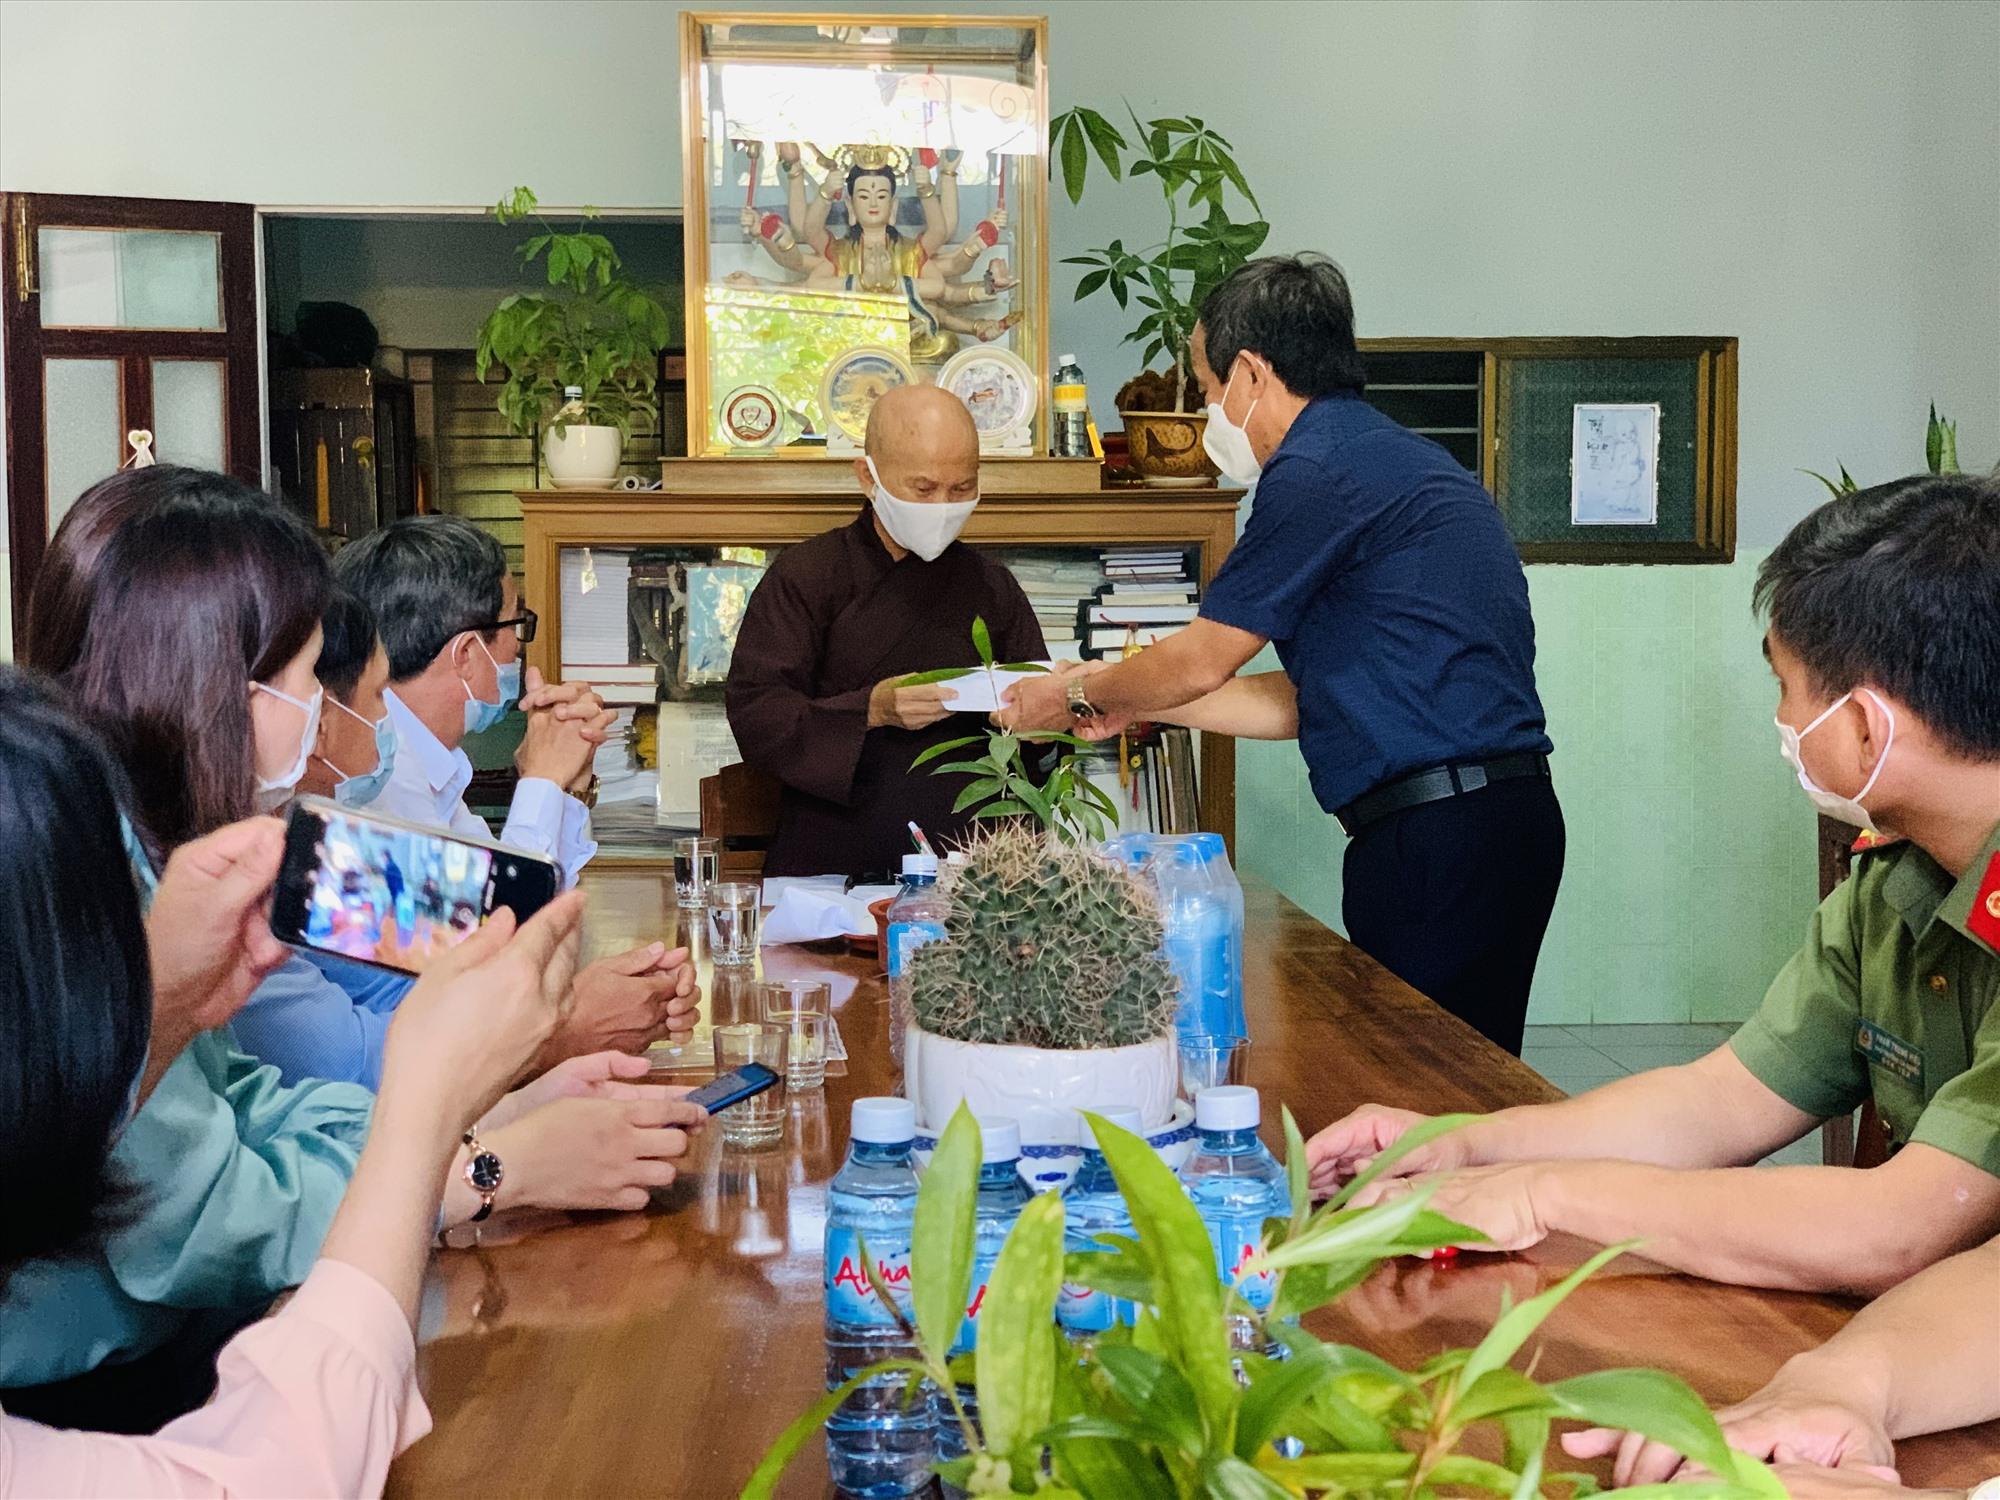 Lãnh đạo UBND huyện Duy Xuyên tặng quà cho đại diện chùa Ân Triêm (thị trấn Nam Phước). Ảnh: T.P